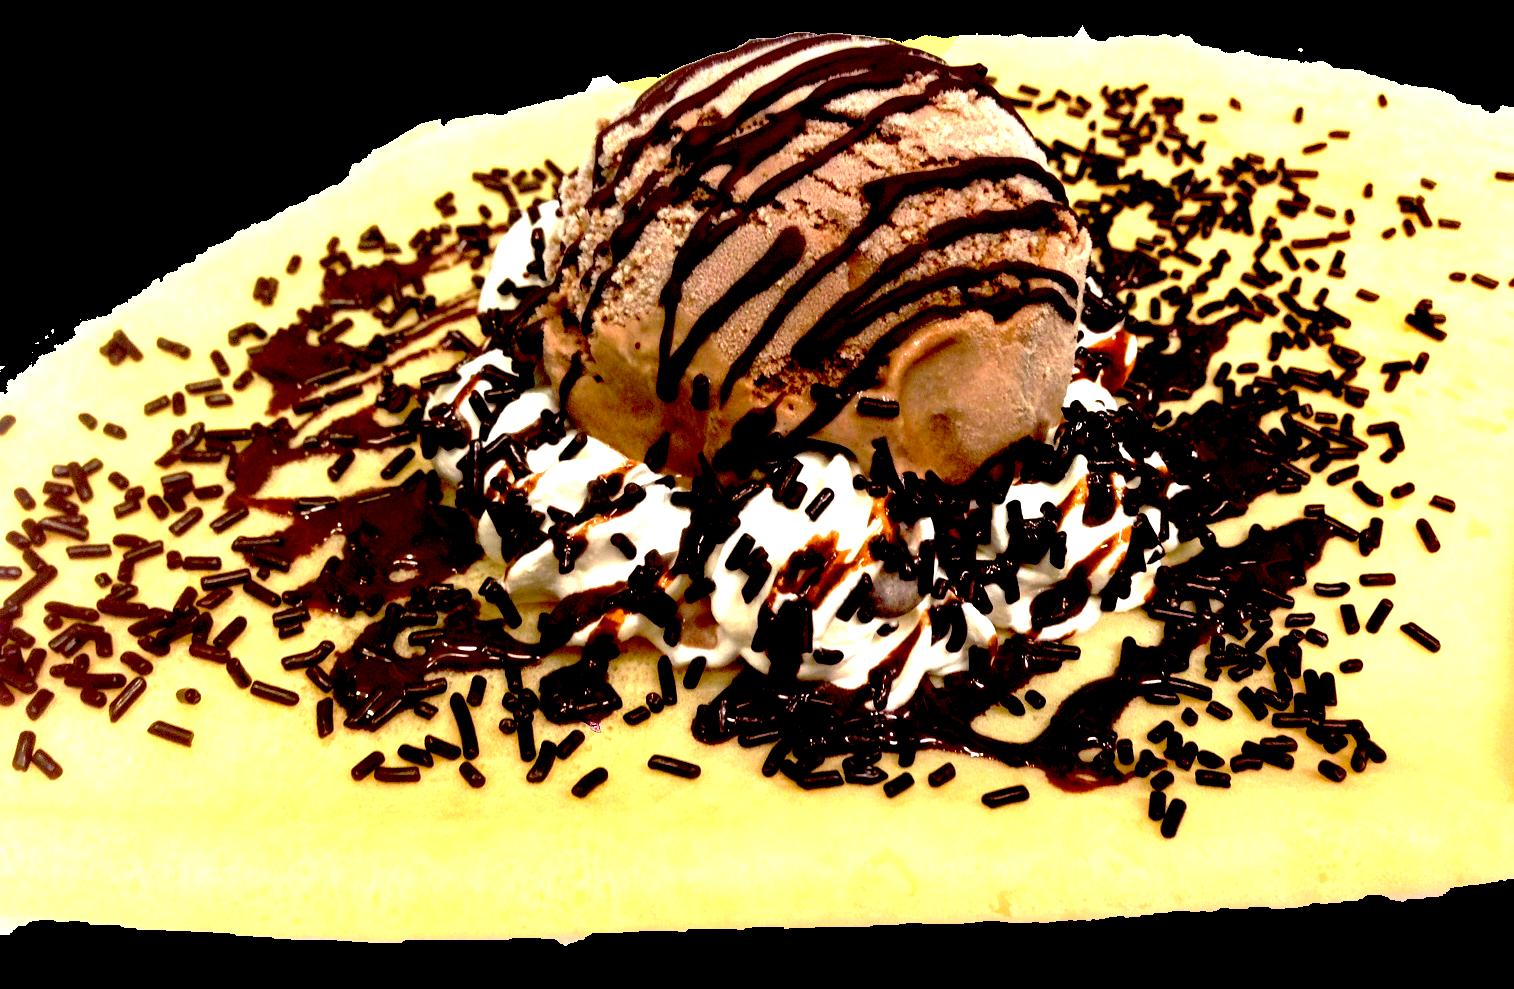 ゴールデンチョコアイス